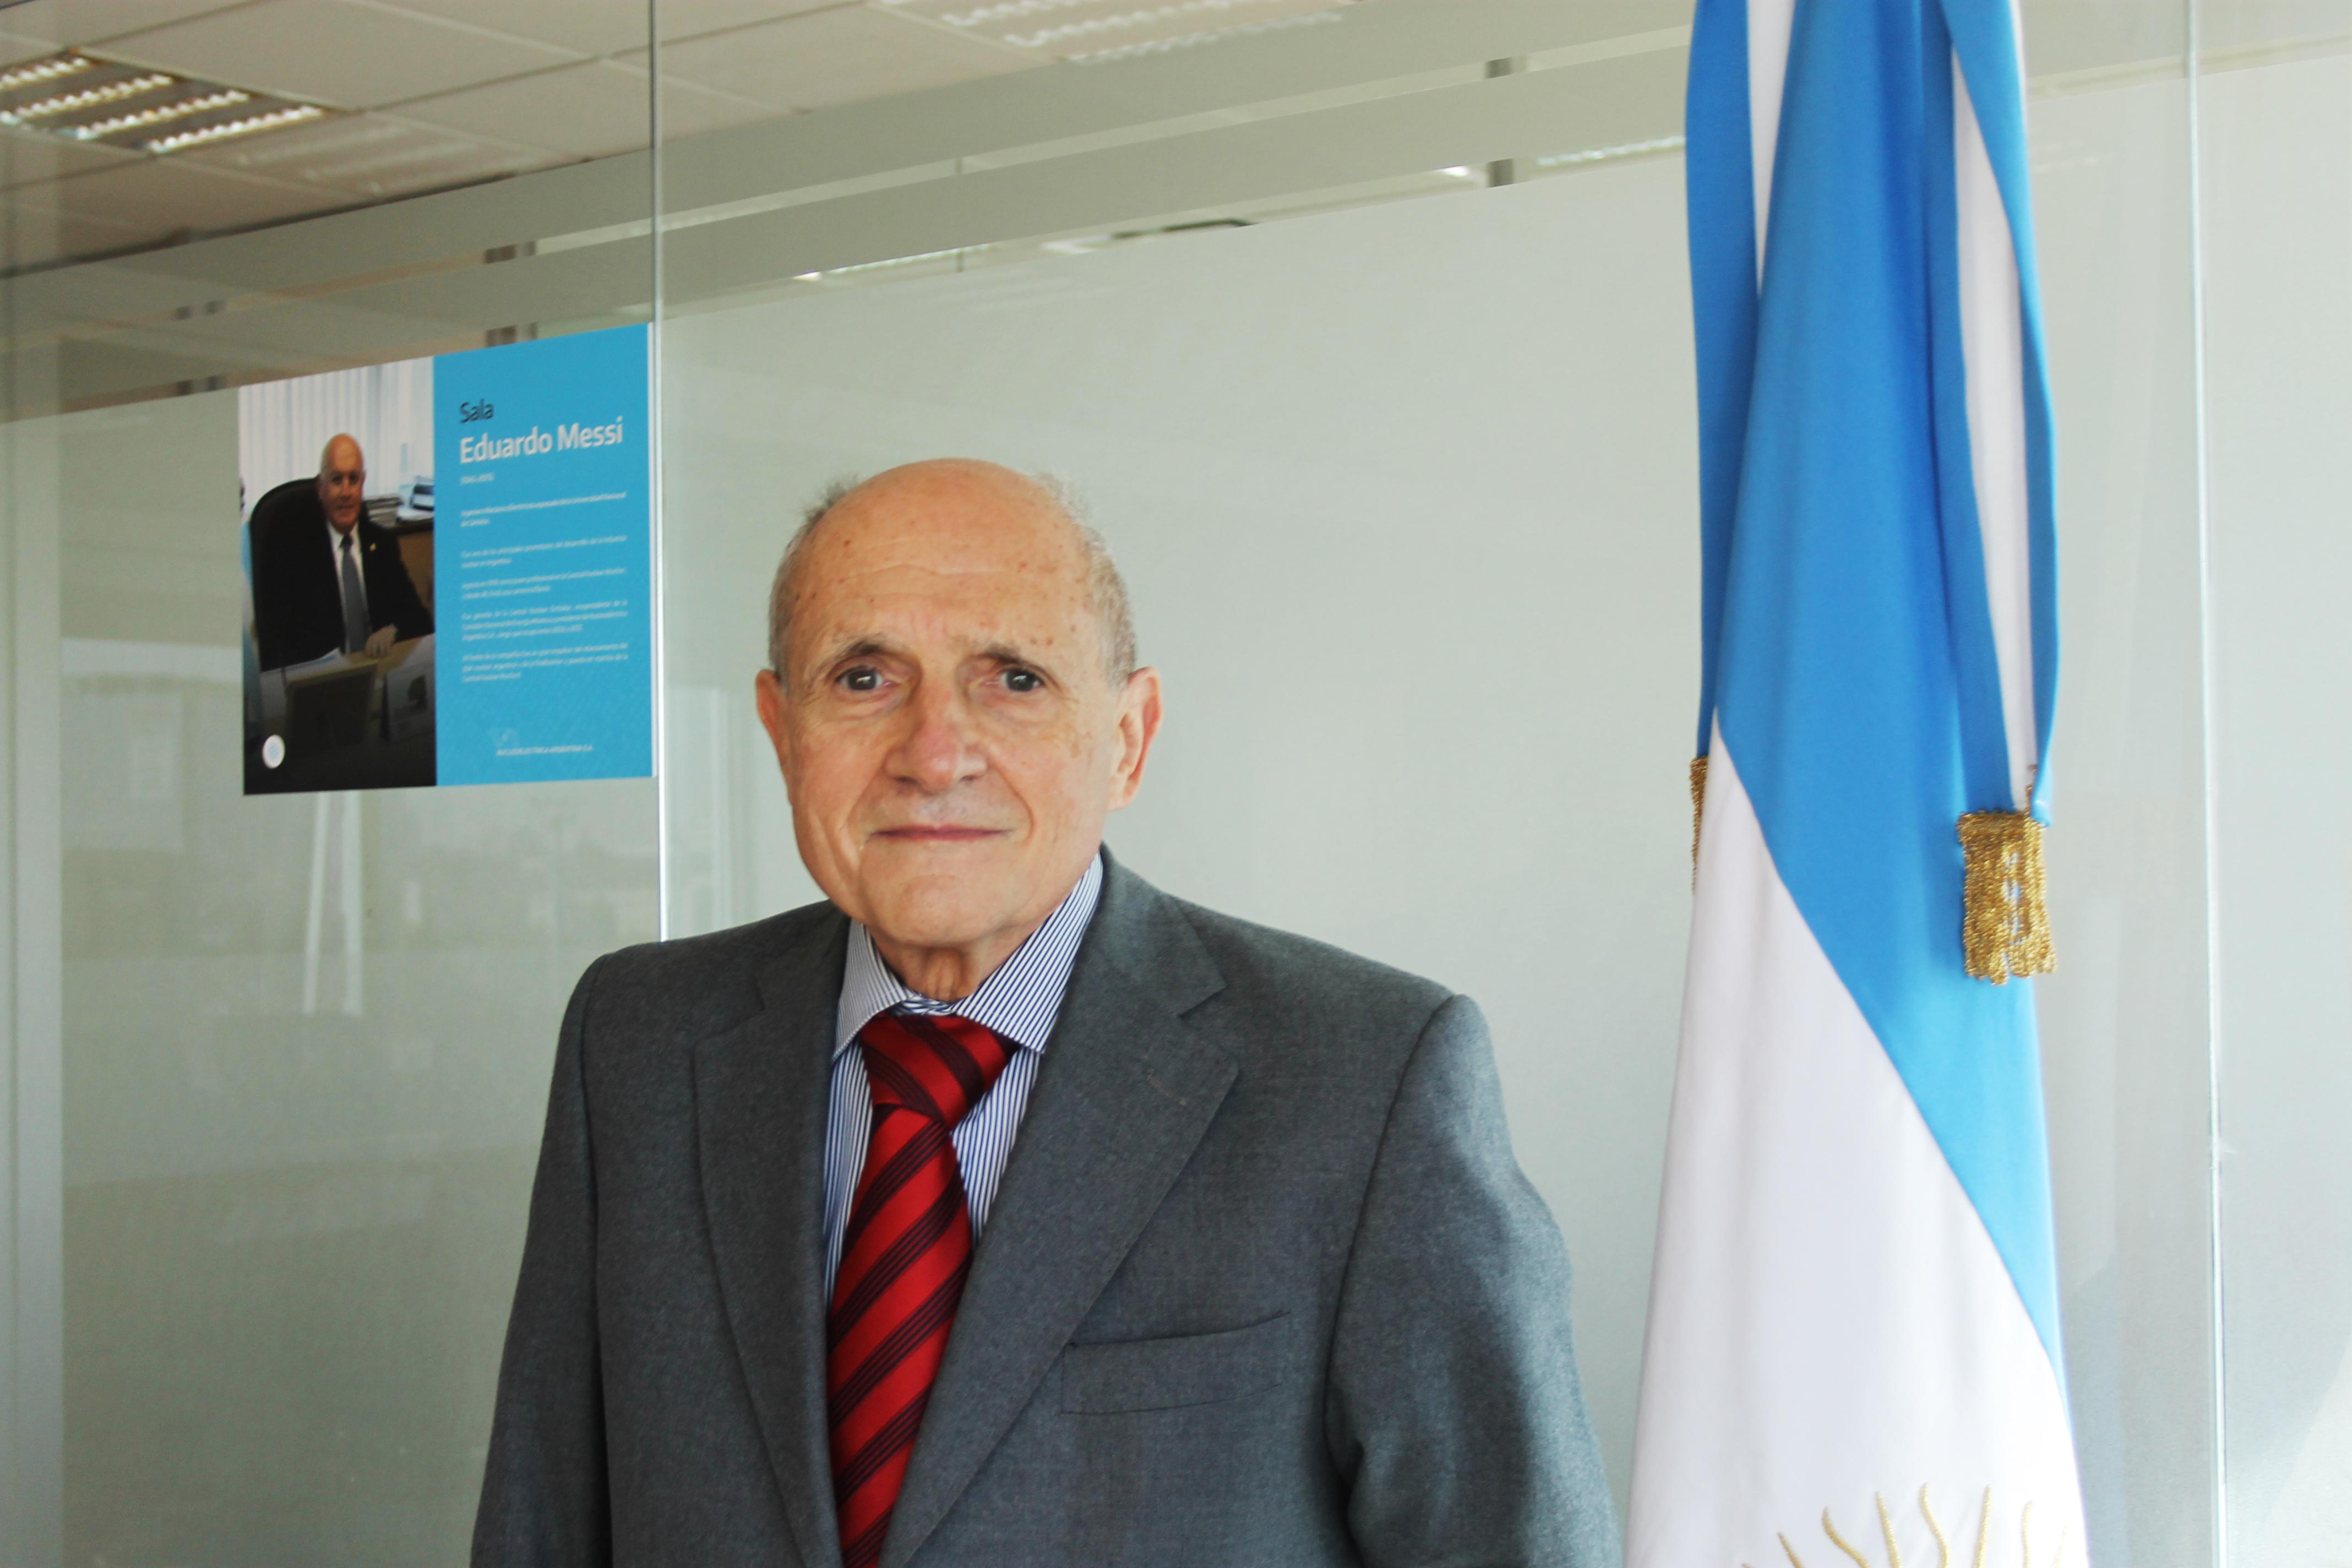 Mano a mano con José Luis Antúnez (SEGUNDA PARTE)